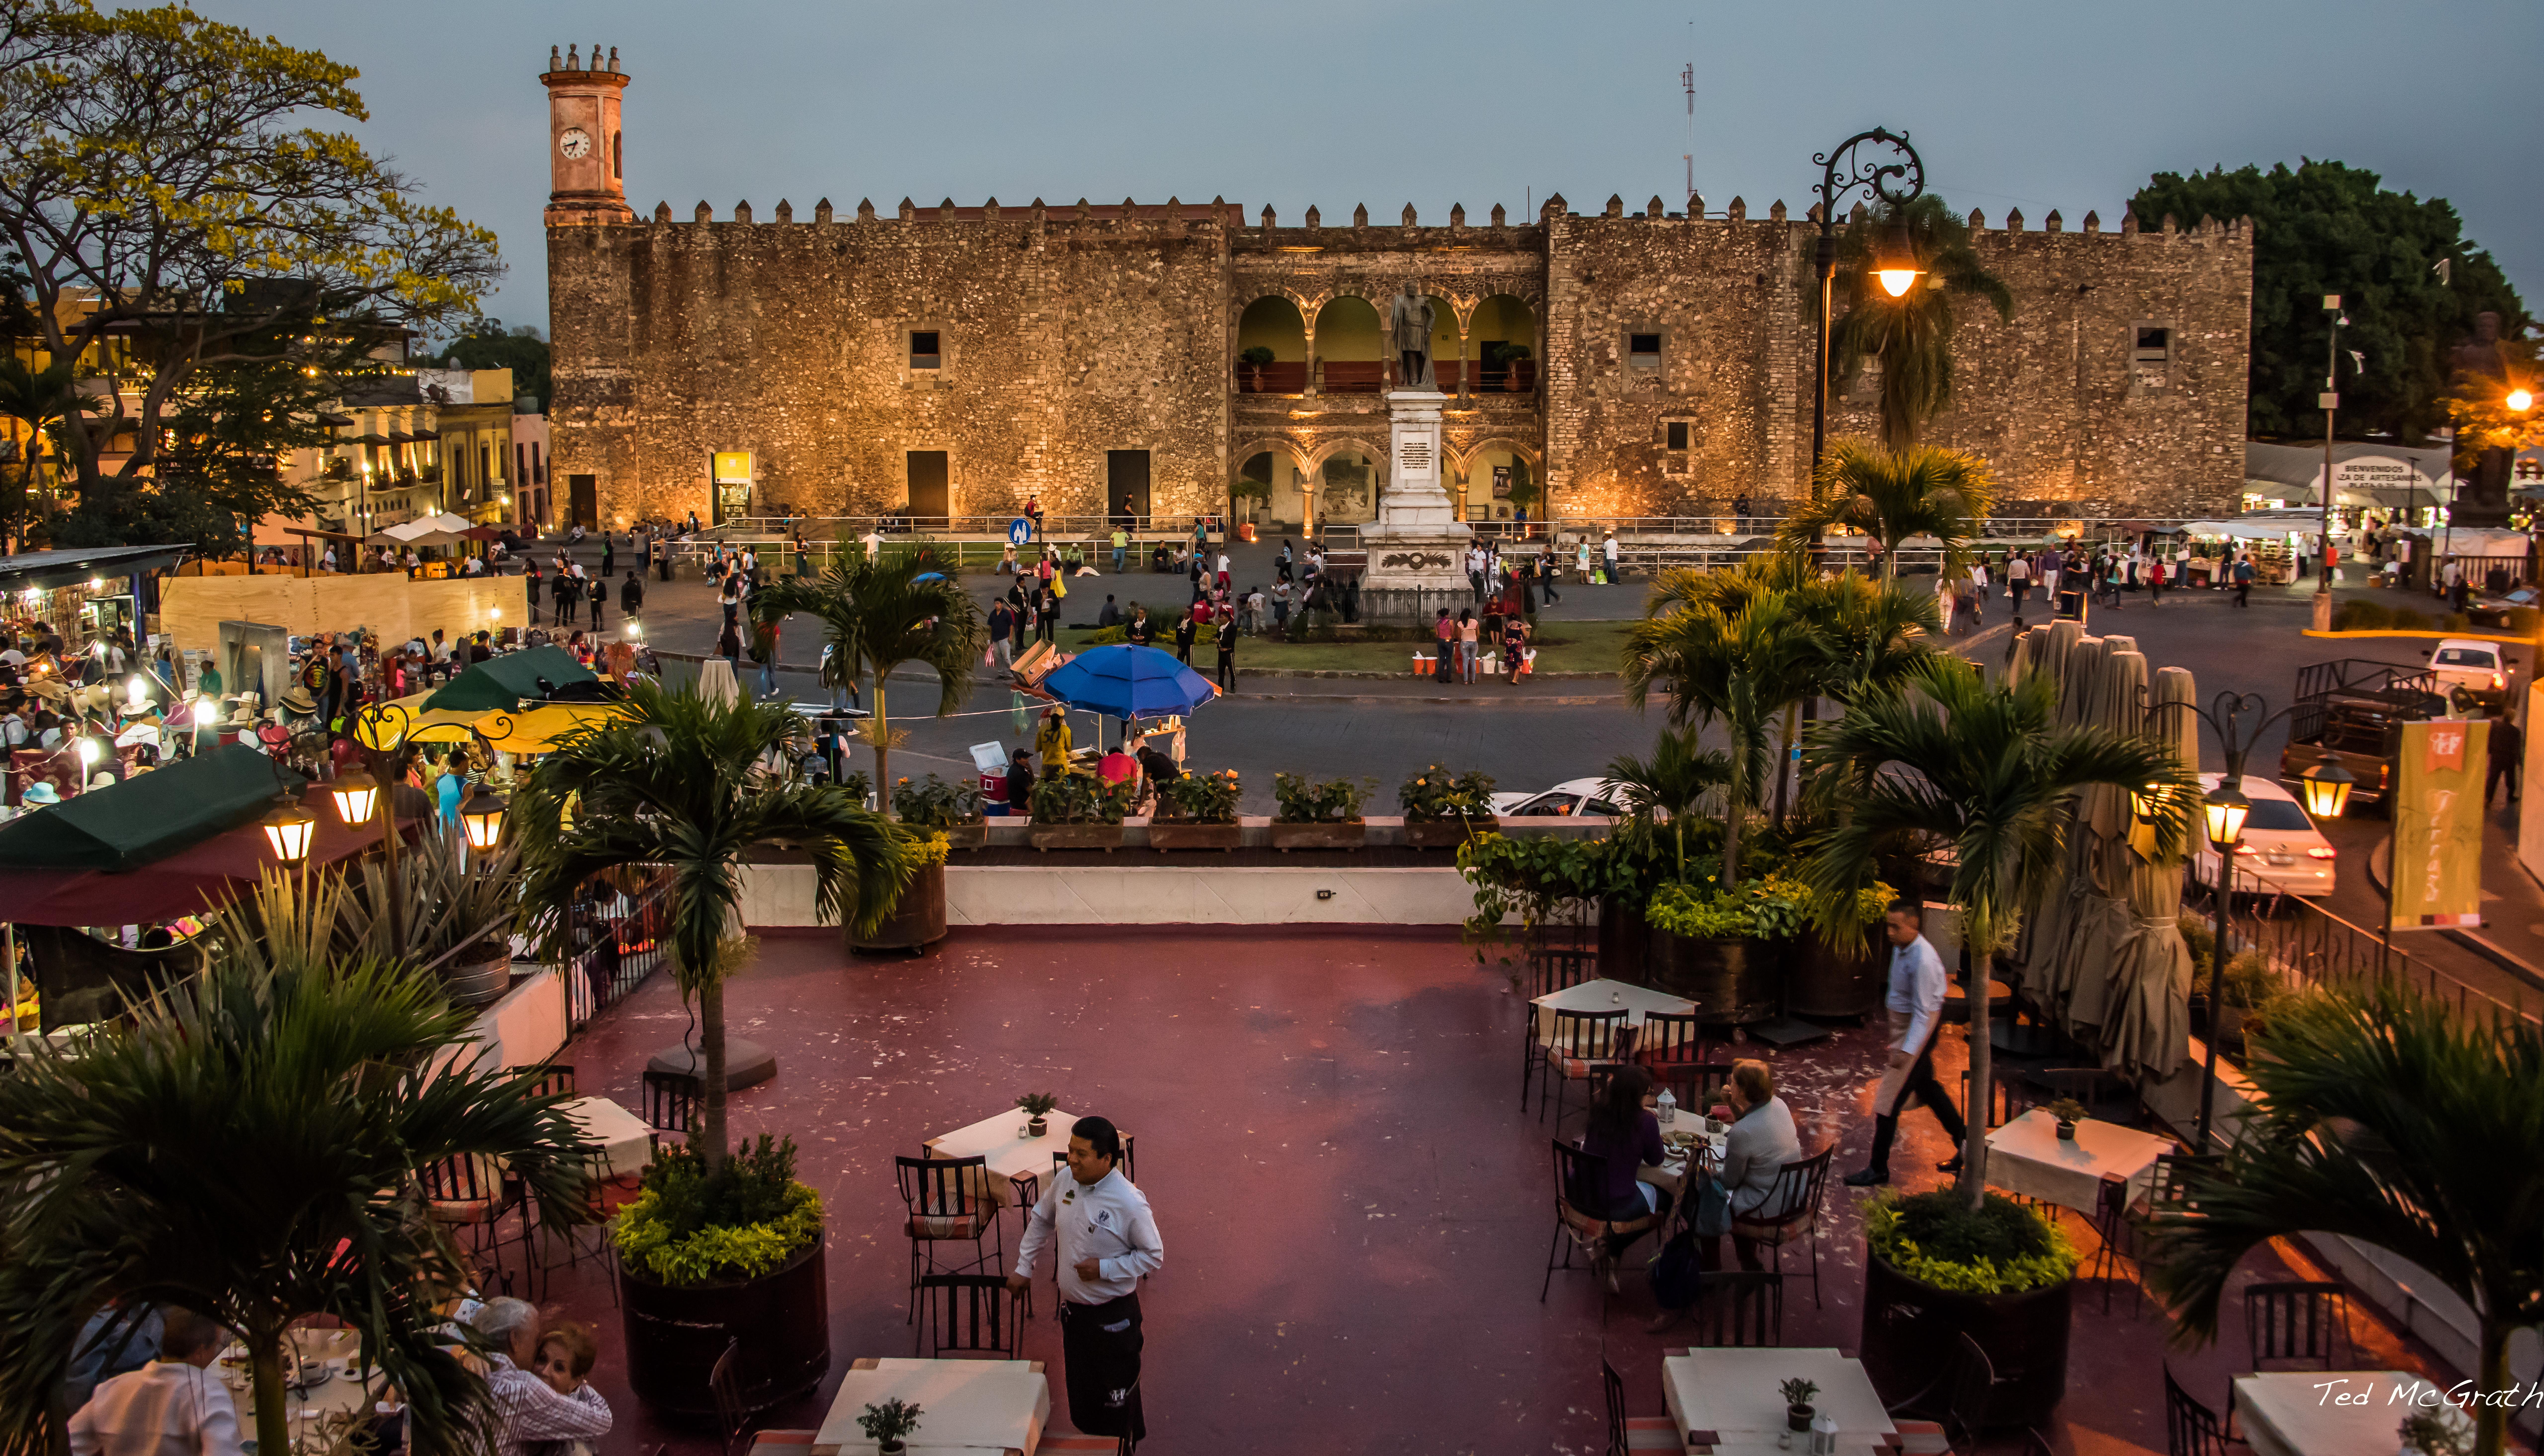 DJI Mavic Pro Cuernavaca Morelos Mexico 2017 - YouTube |Cuernavaca Morelos Mexico